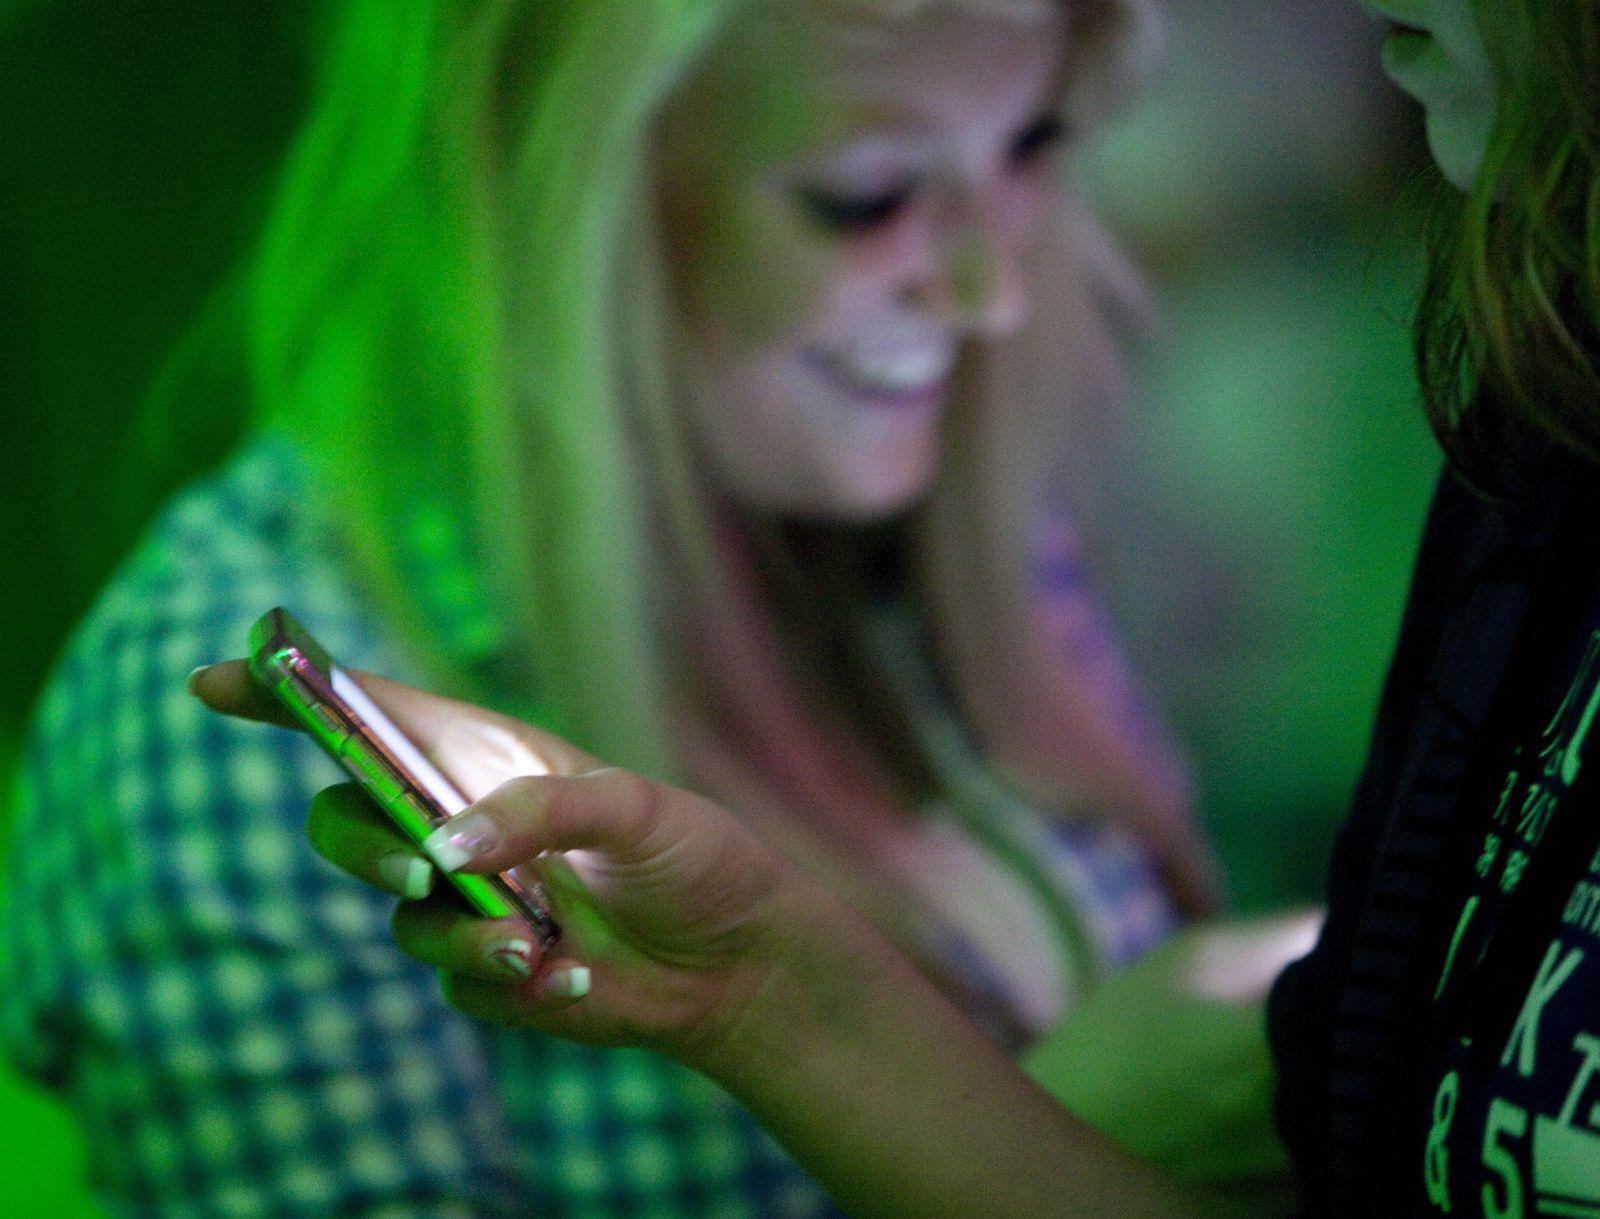 Jugendliche / Handy / Mobile Kommunikation